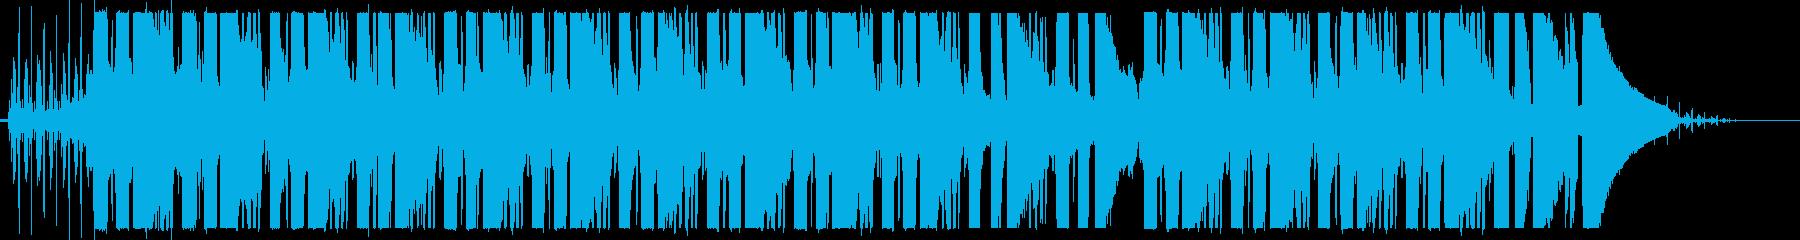 チルギター LoFi  ノイズ入りの再生済みの波形